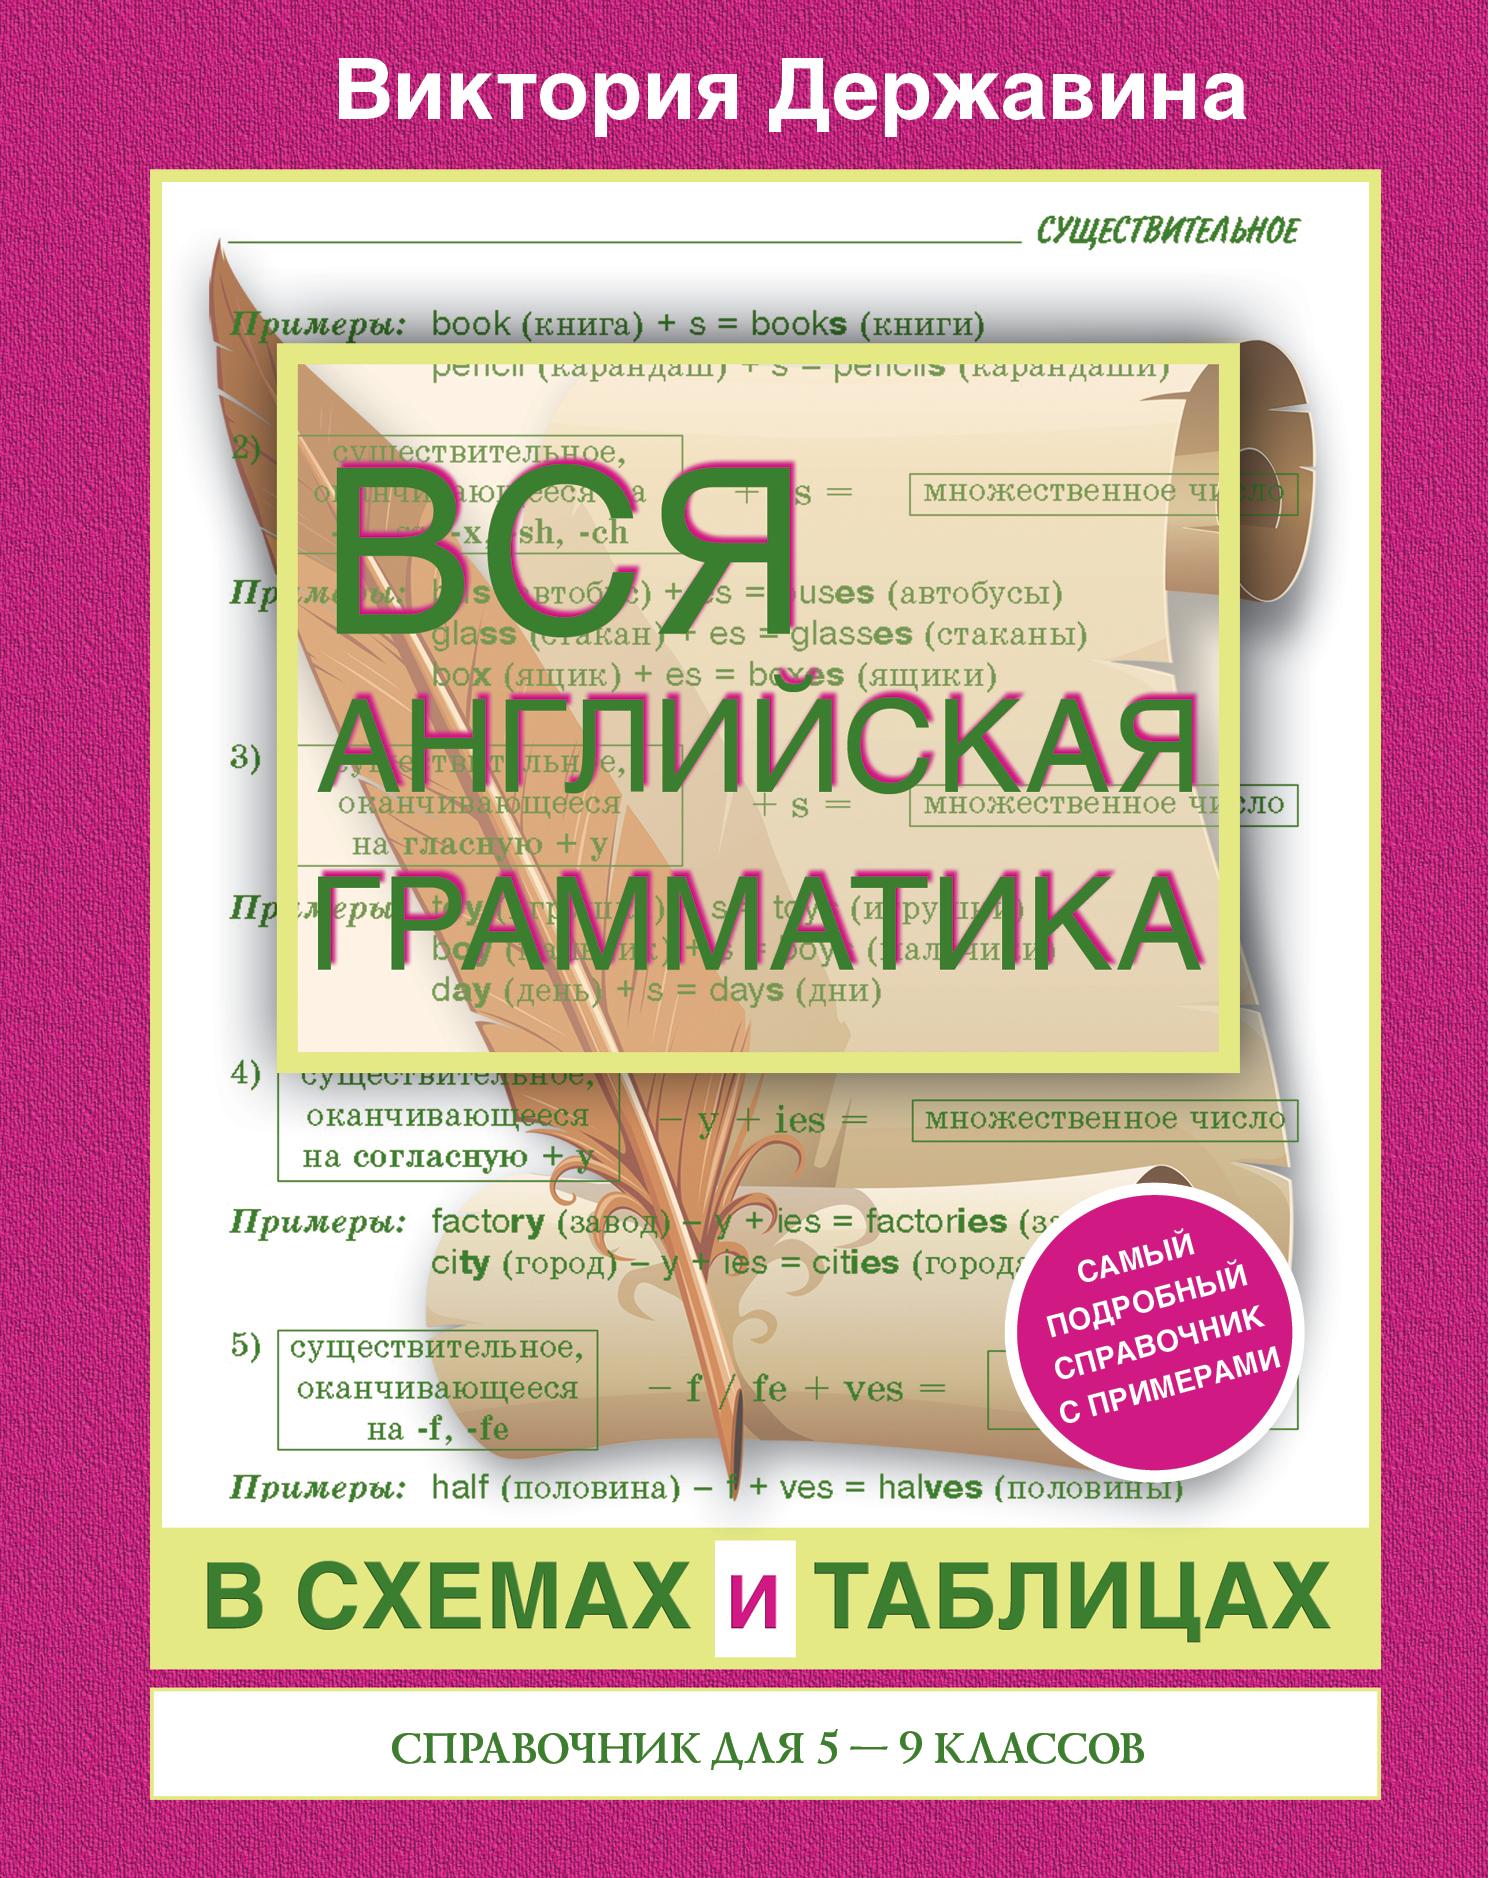 Вся английская грамматика в схемах и таблицах: справочник для 5-9 классов ( Державина Виктория Александровна  )